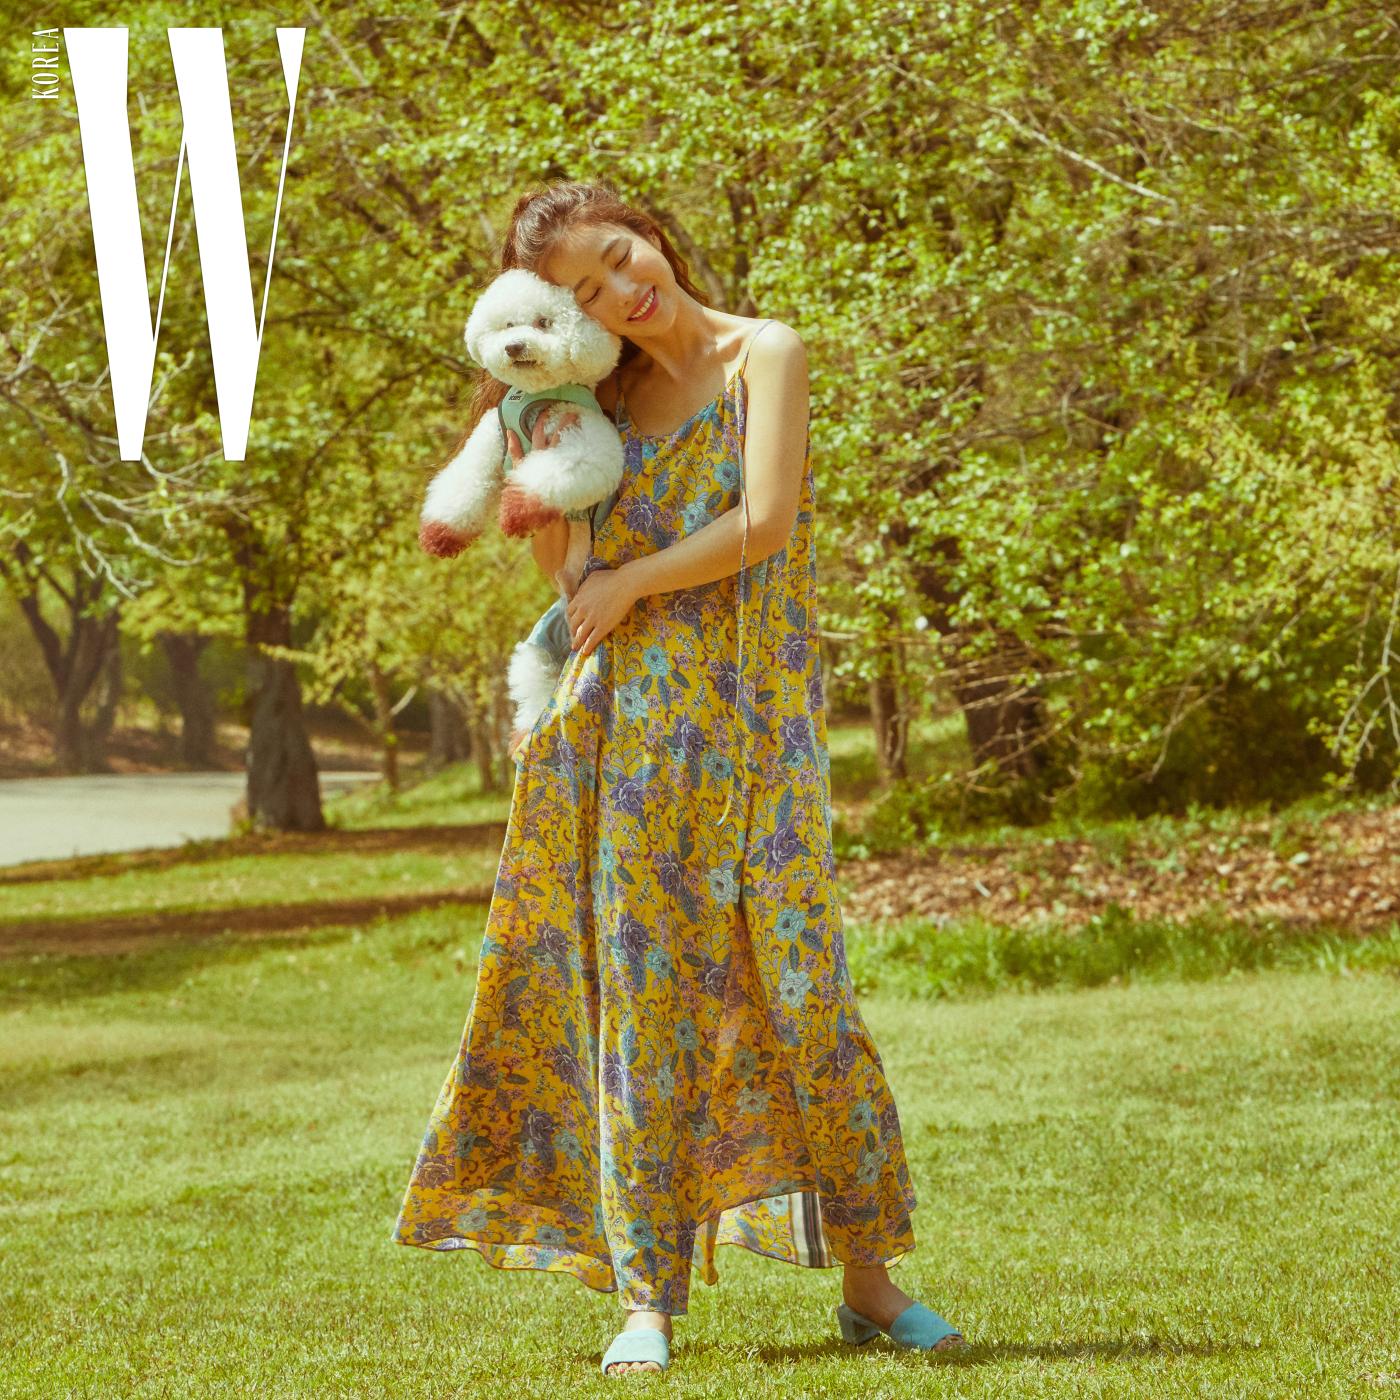 프린트 슬립 드레스 49만9천원, 슈즈 19만9천원 모두 질 스튜어트 제품.